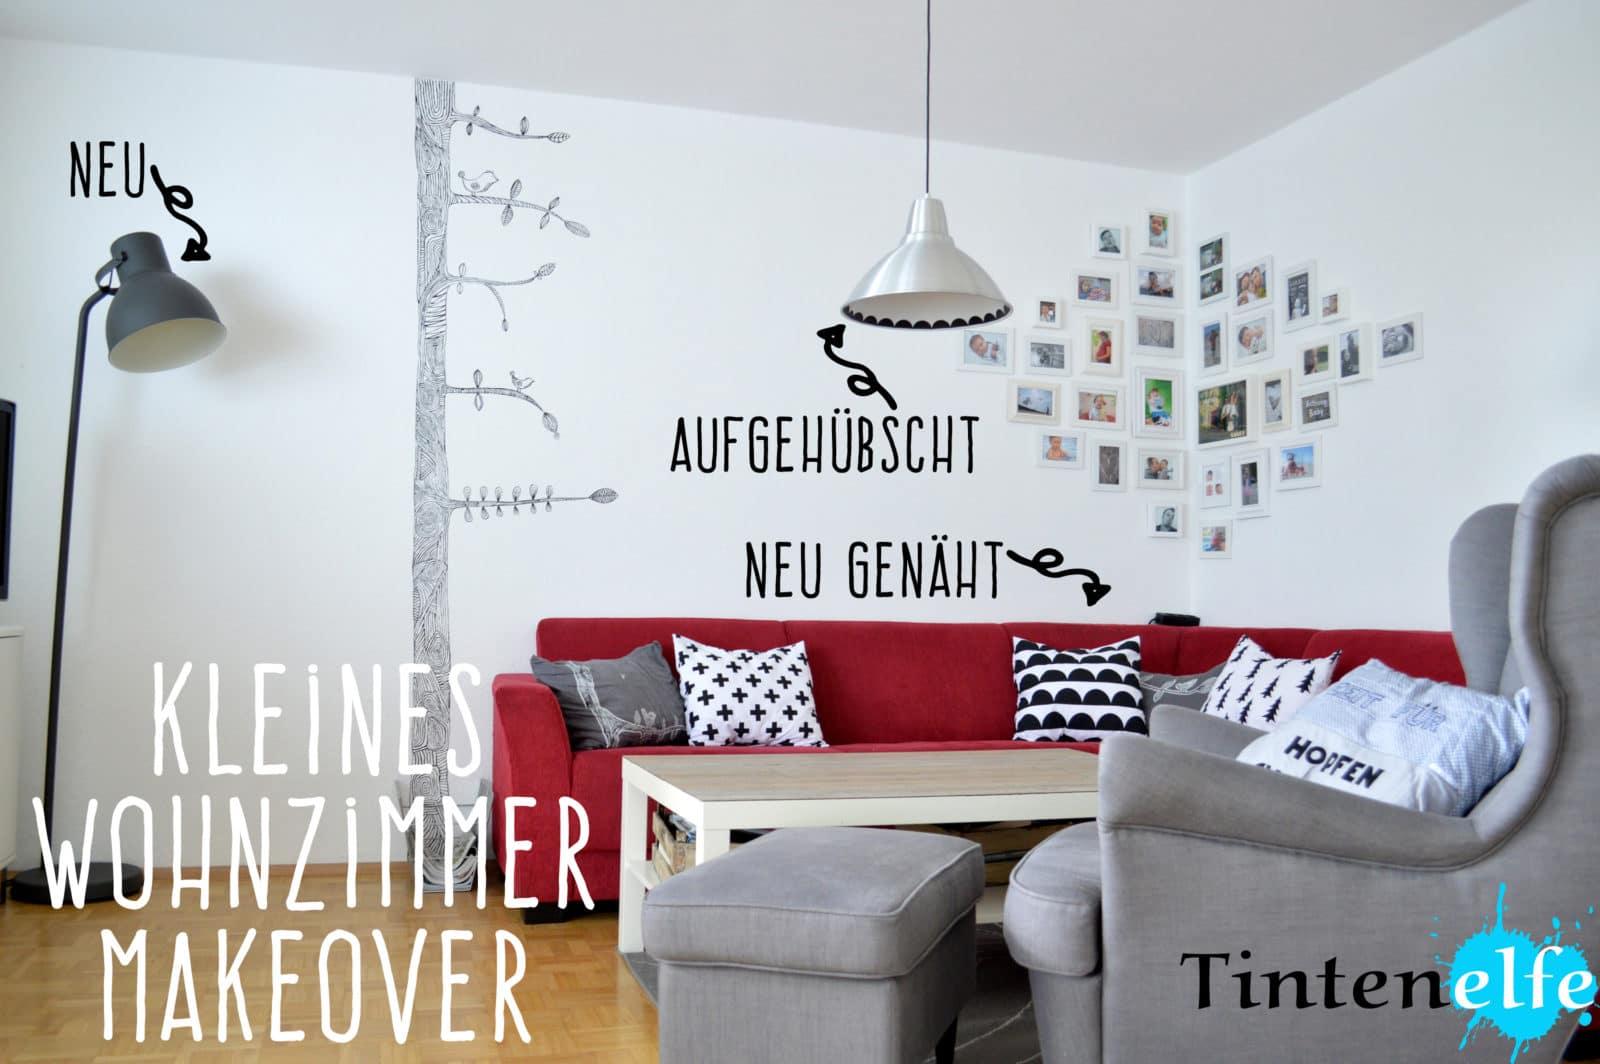 Liege wohnzimmer ikea ~ brimob.com for .